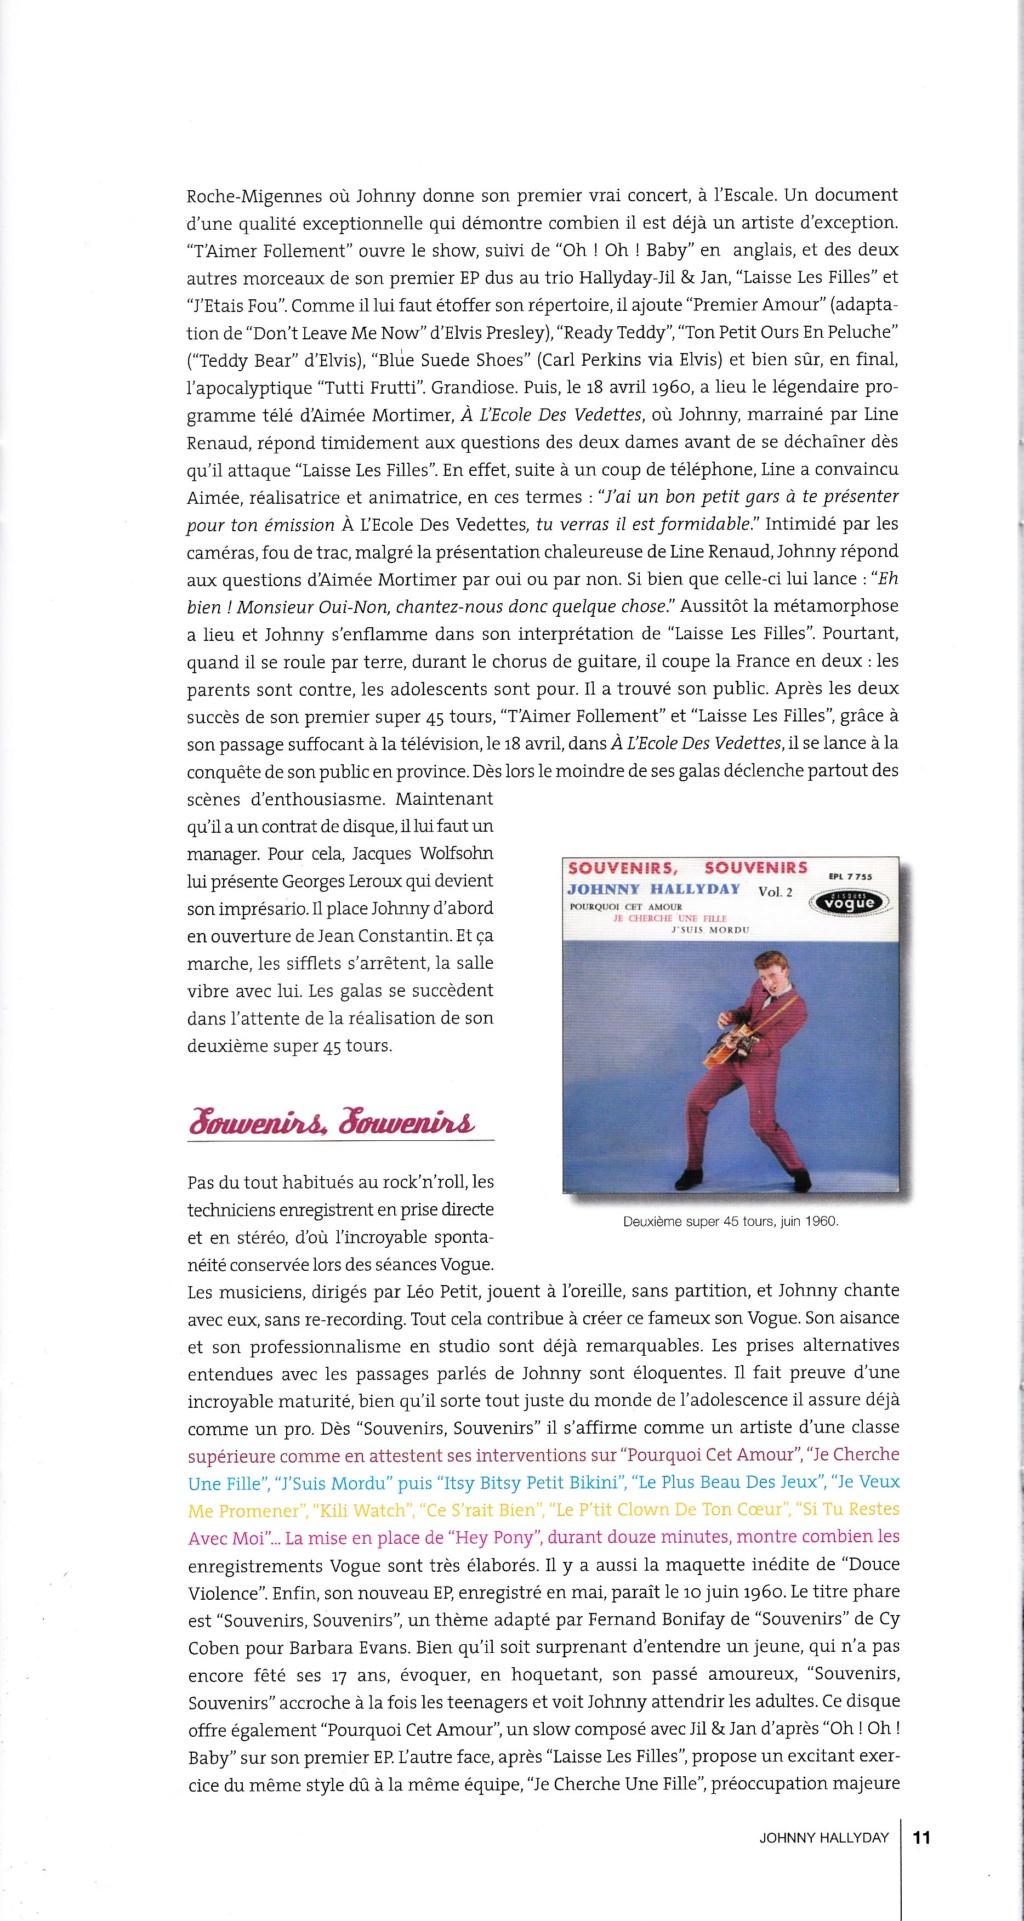 COFFRET 5 CD SOUVENIRS SOUVENIRS 2006_s22